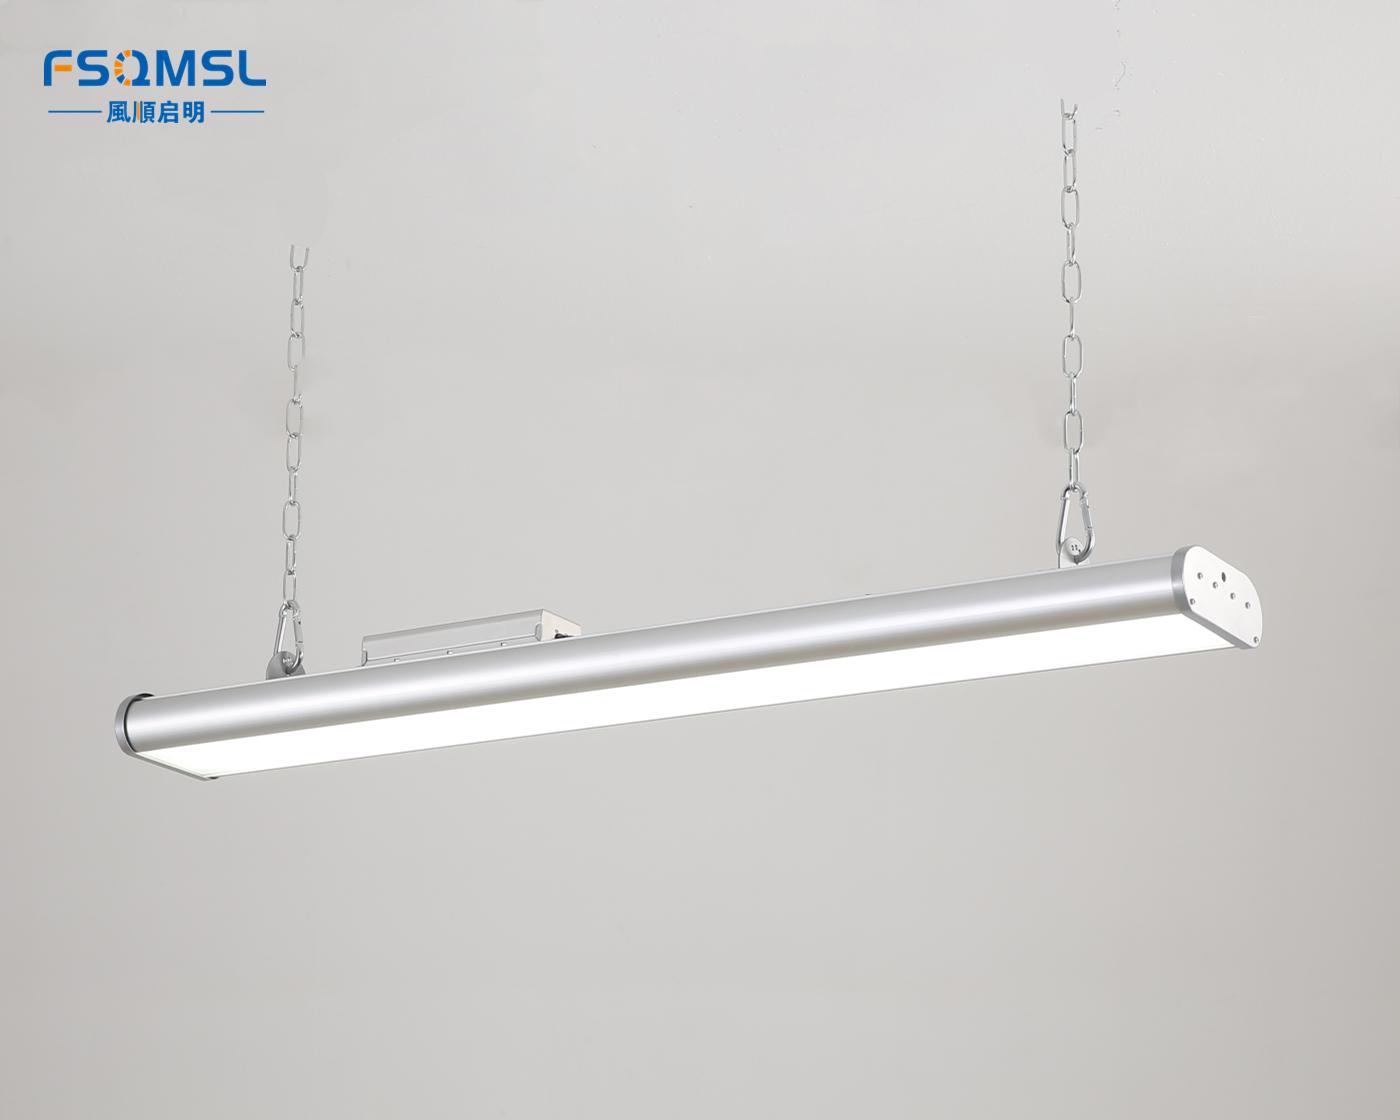 條形LED球館燈 FS-TP0828 (100-240w)